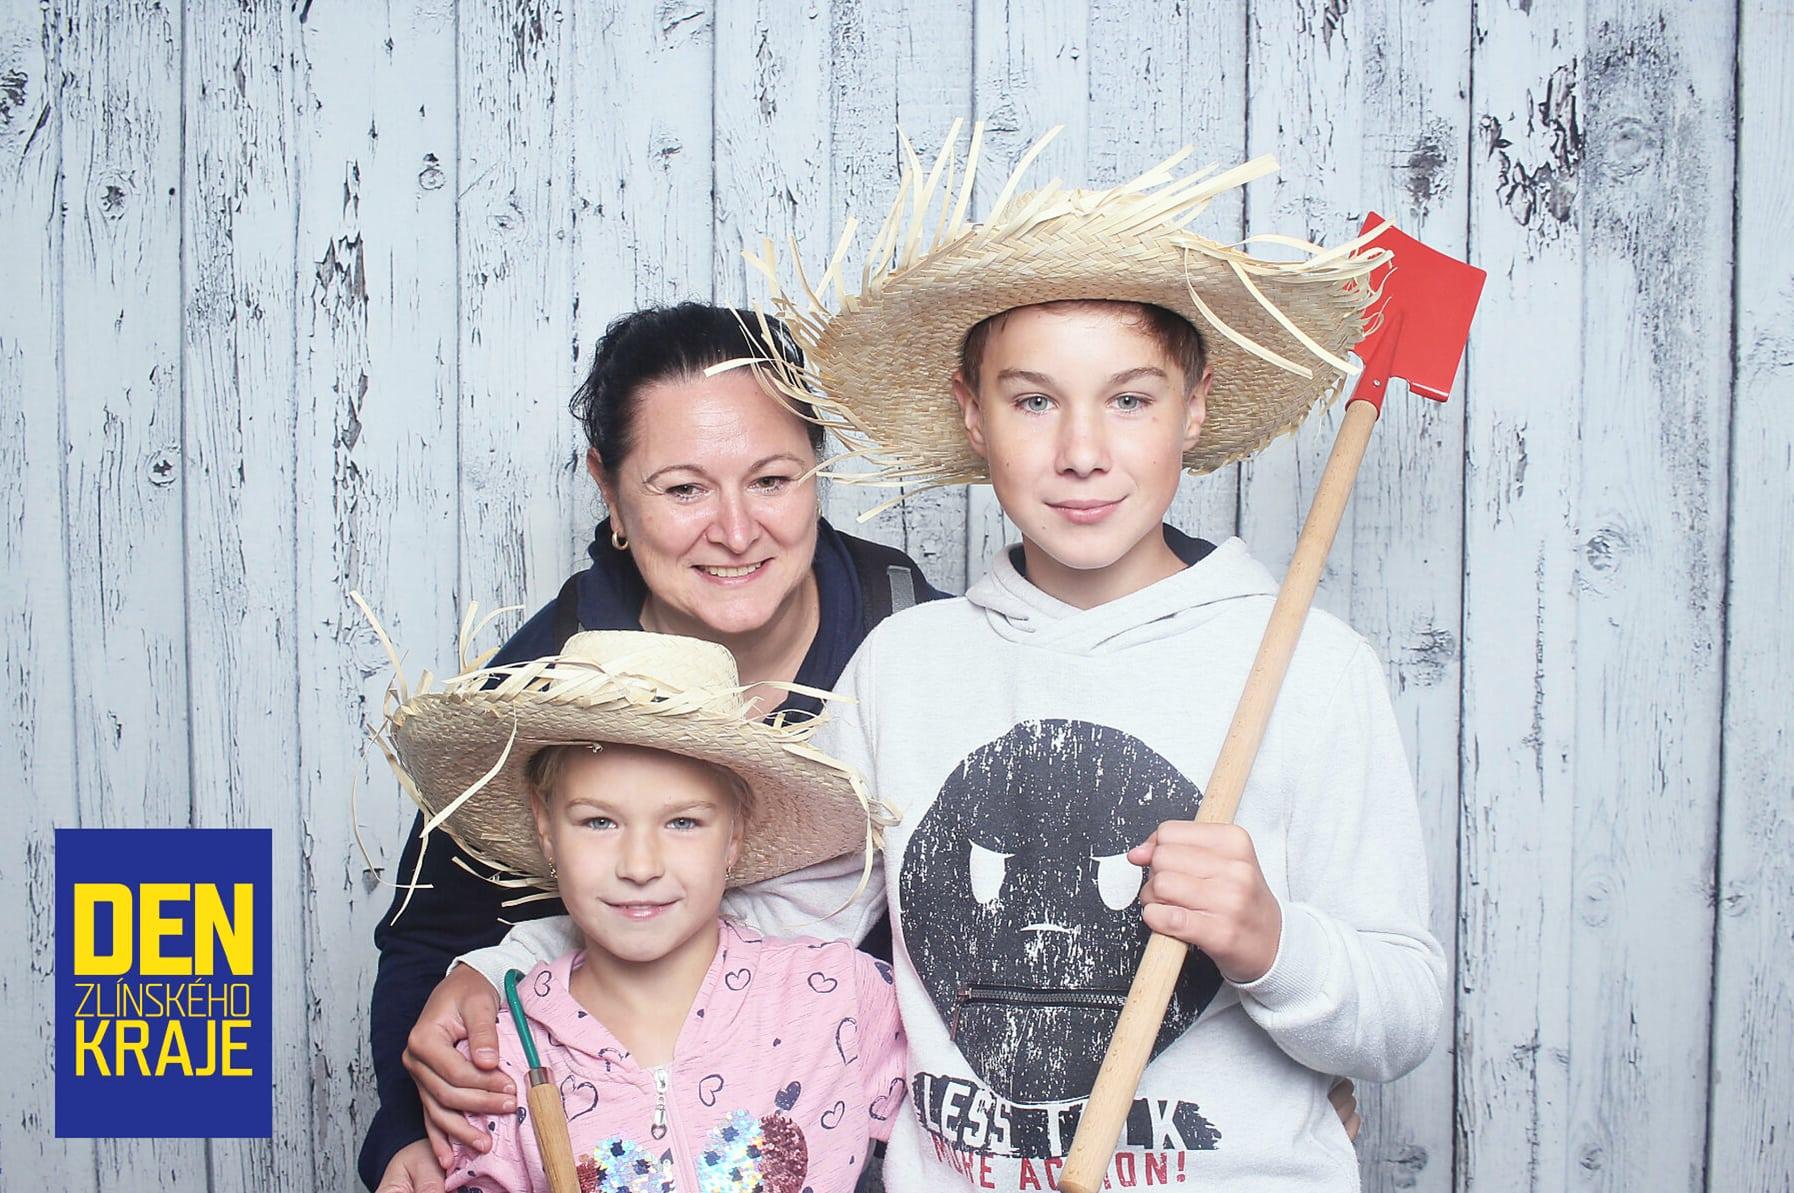 fotokoutek-family-day-zlin-den-zlinskeho-kraje-22-9-2018-495384